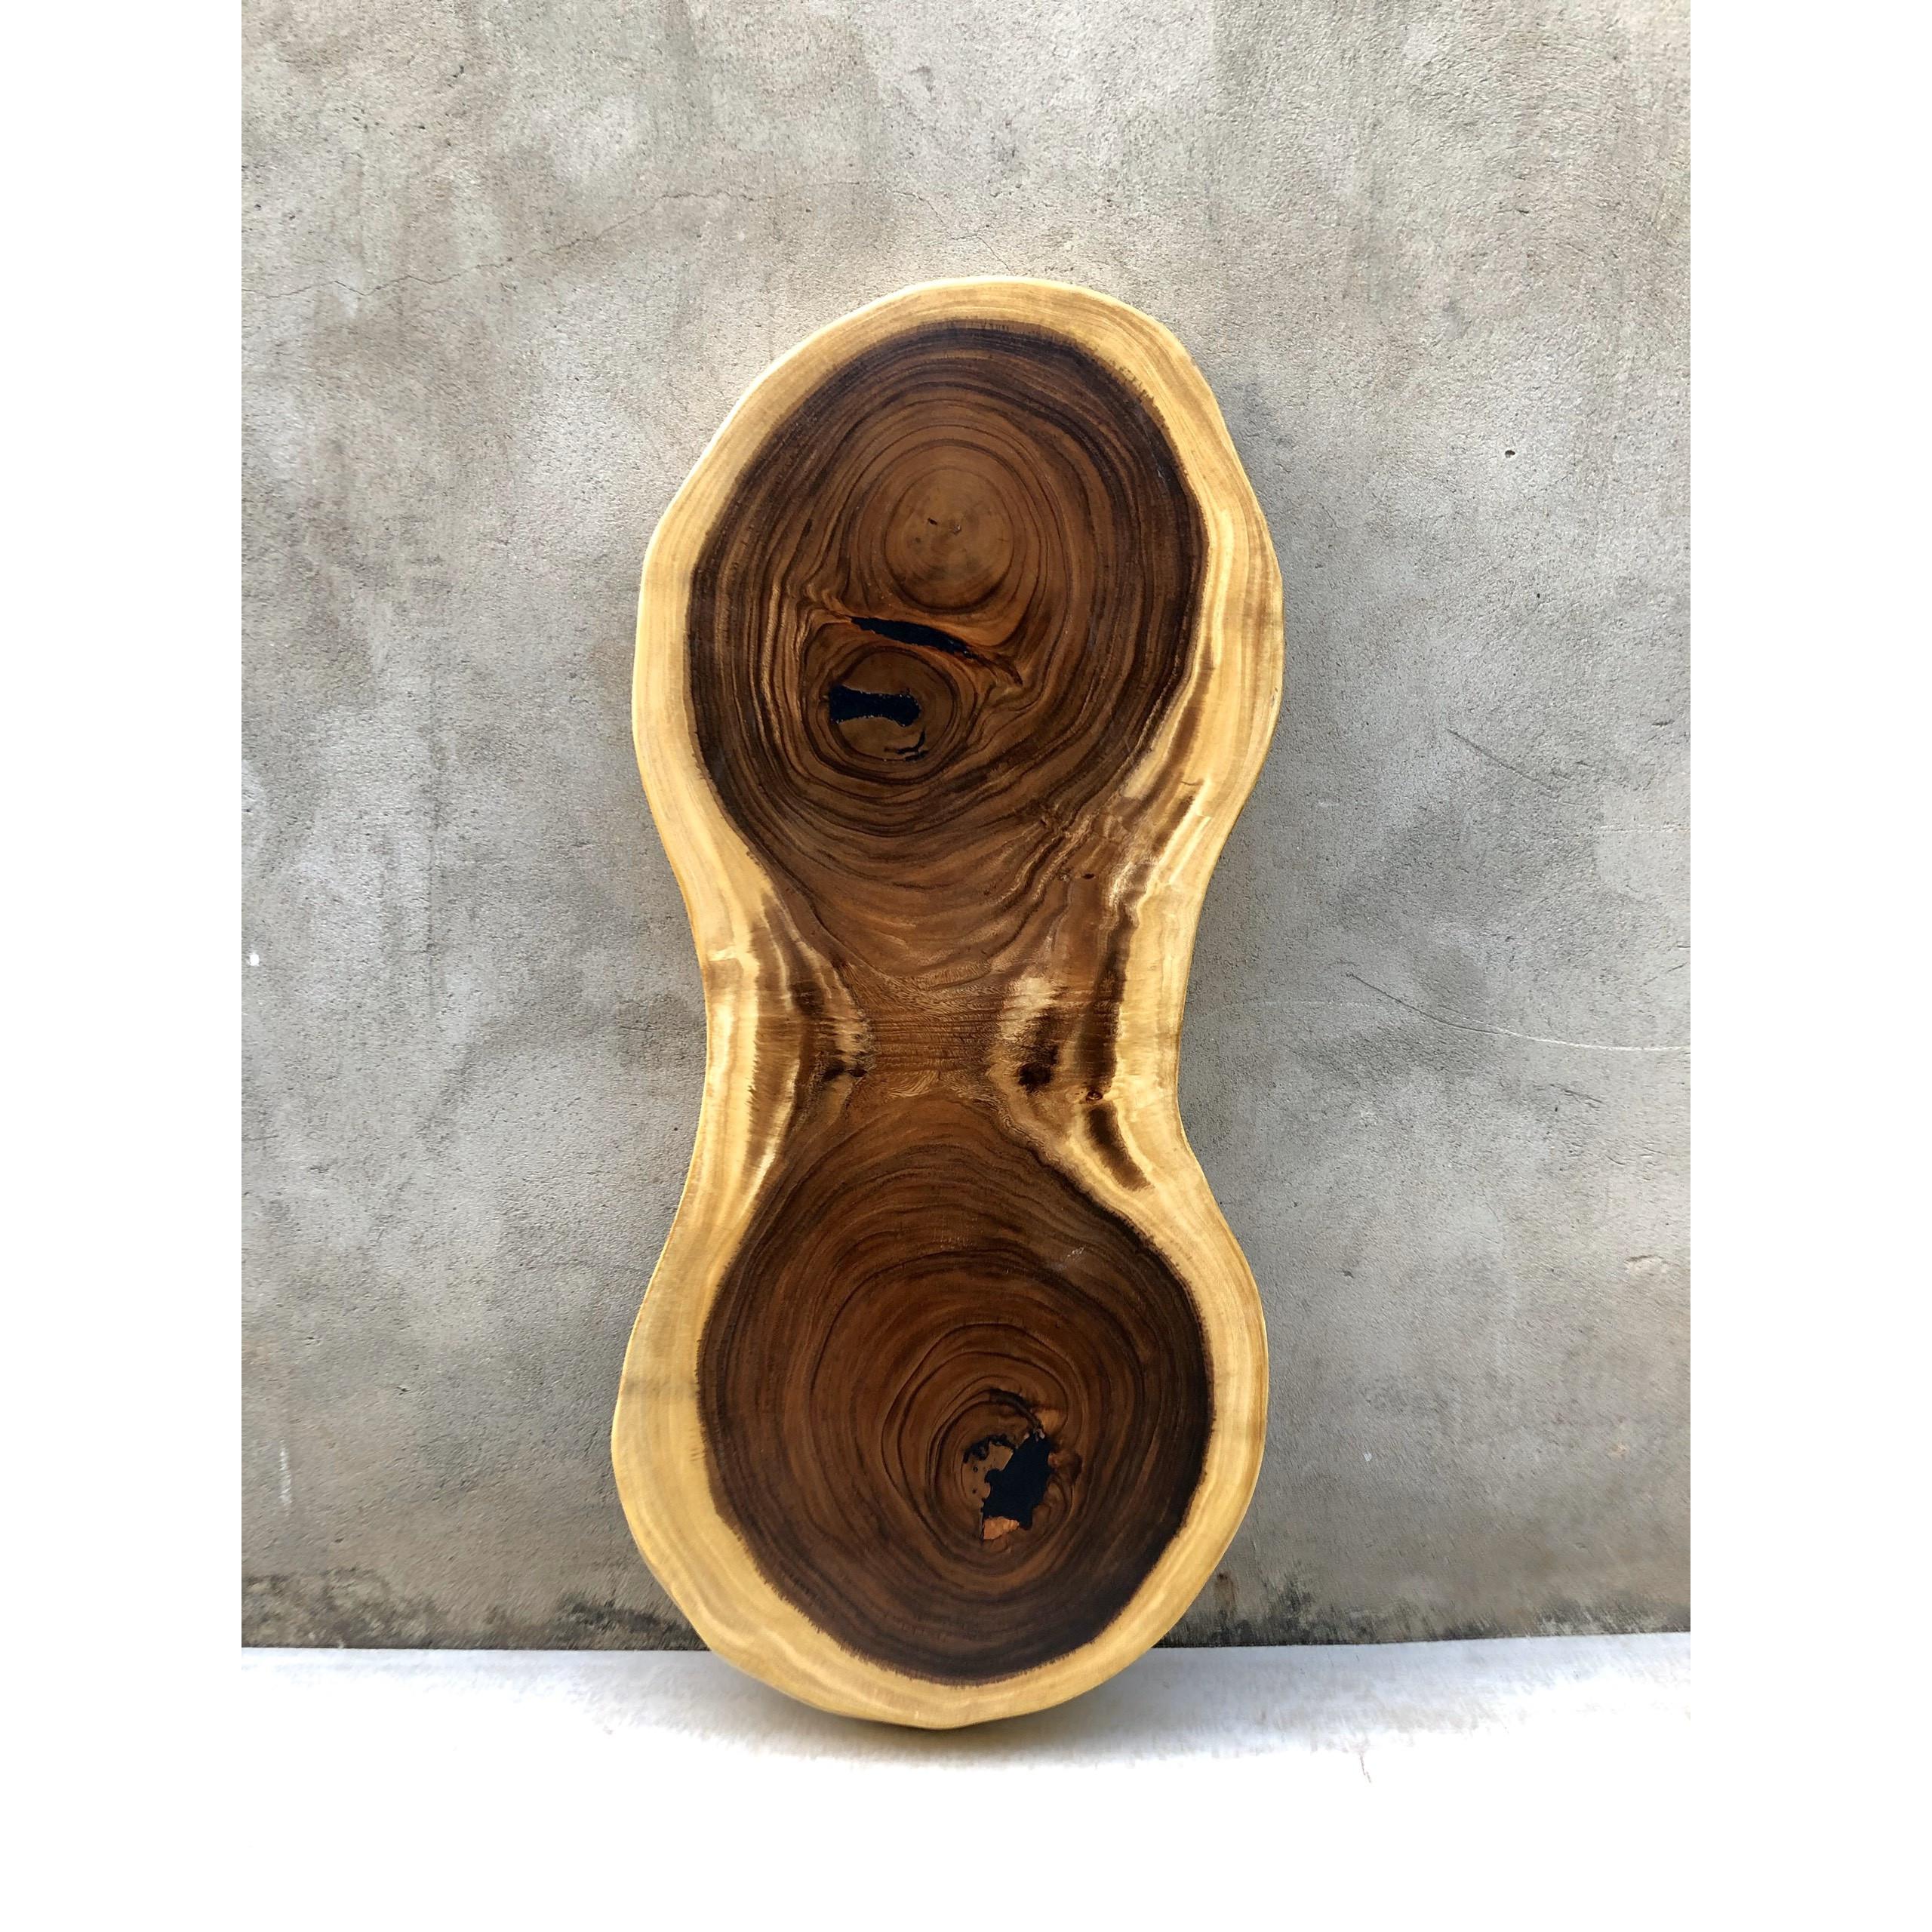 Mặt bàn Sofa gỗ Me Tây nguyên khối Dài 120 rộng 52 - 38 - 51 dày 6.5 (cm)